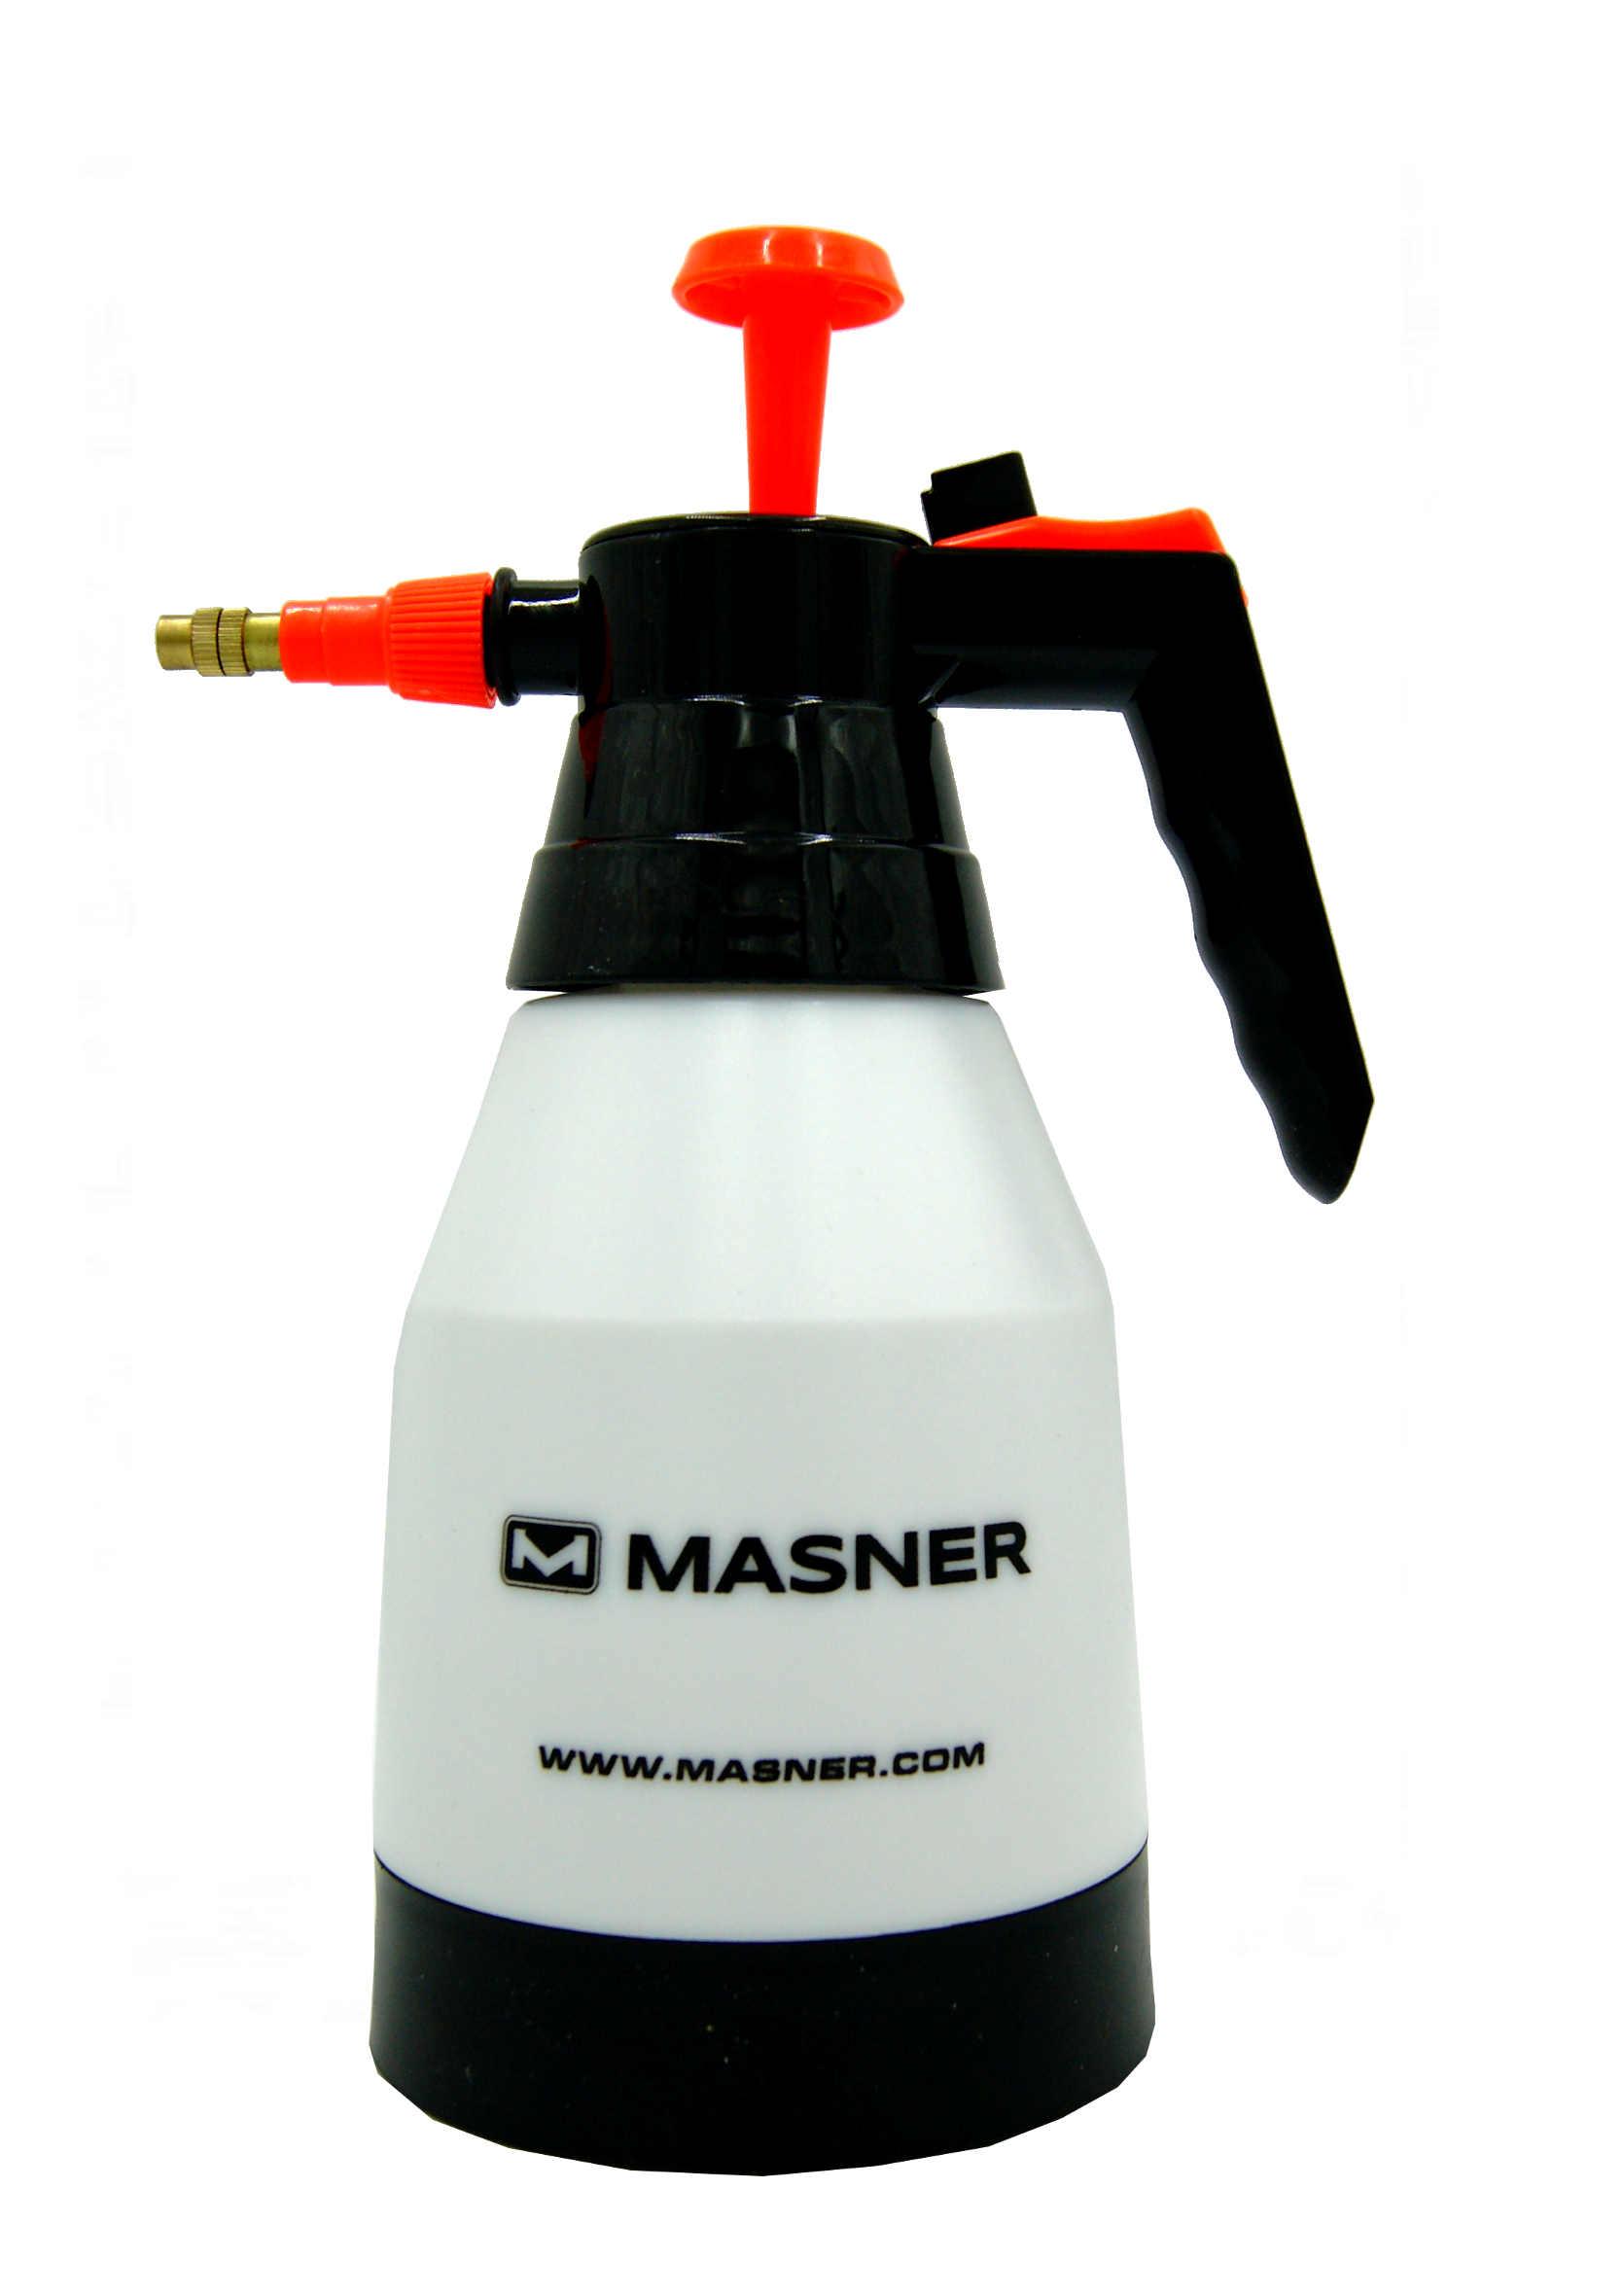 K2 Masner Opryskiwacz Ciśnieniowy Ręczny 1.5L do Aplikacji Lekkiej Chemii